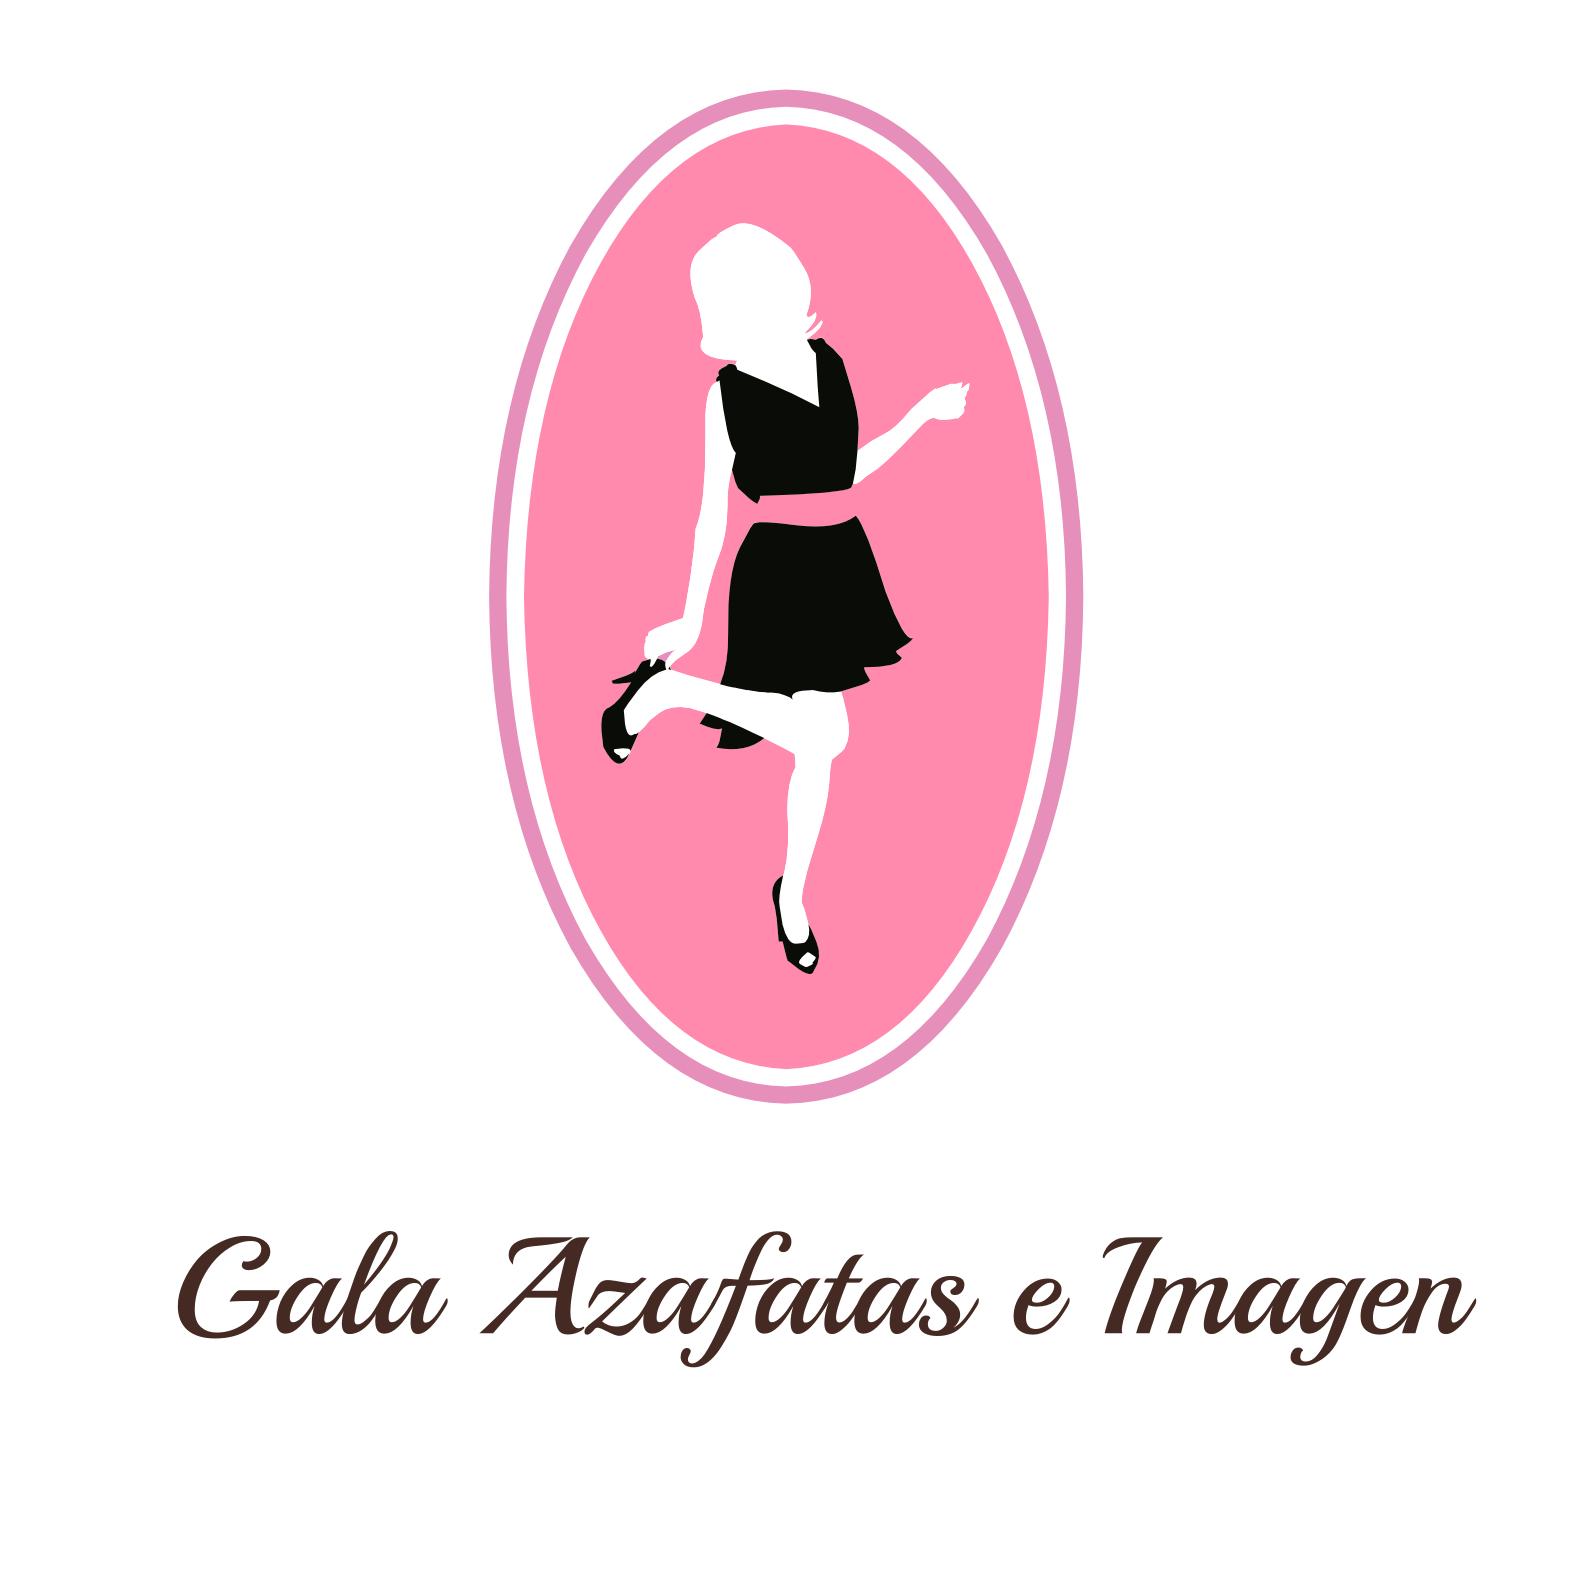 Gala Azafatas e Imagen